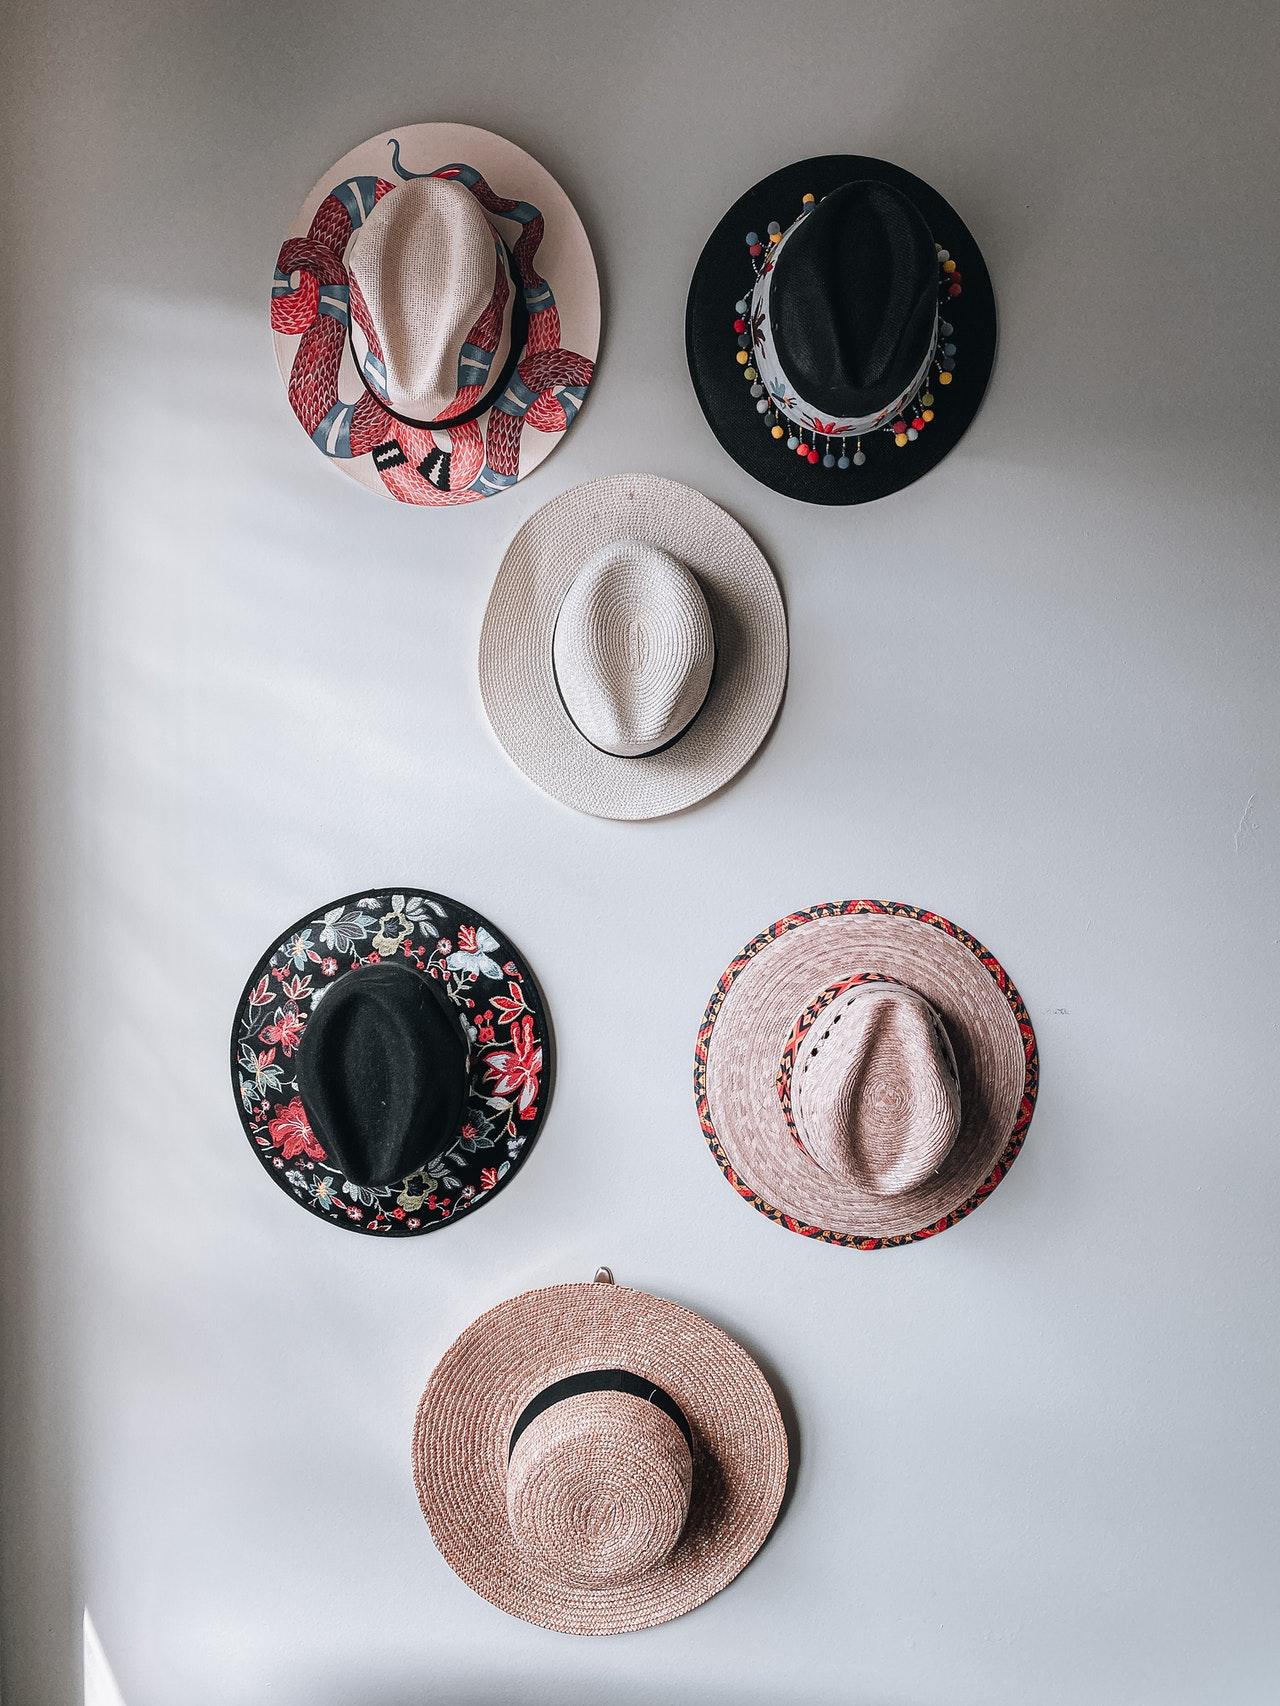 Hüte an einer Wand